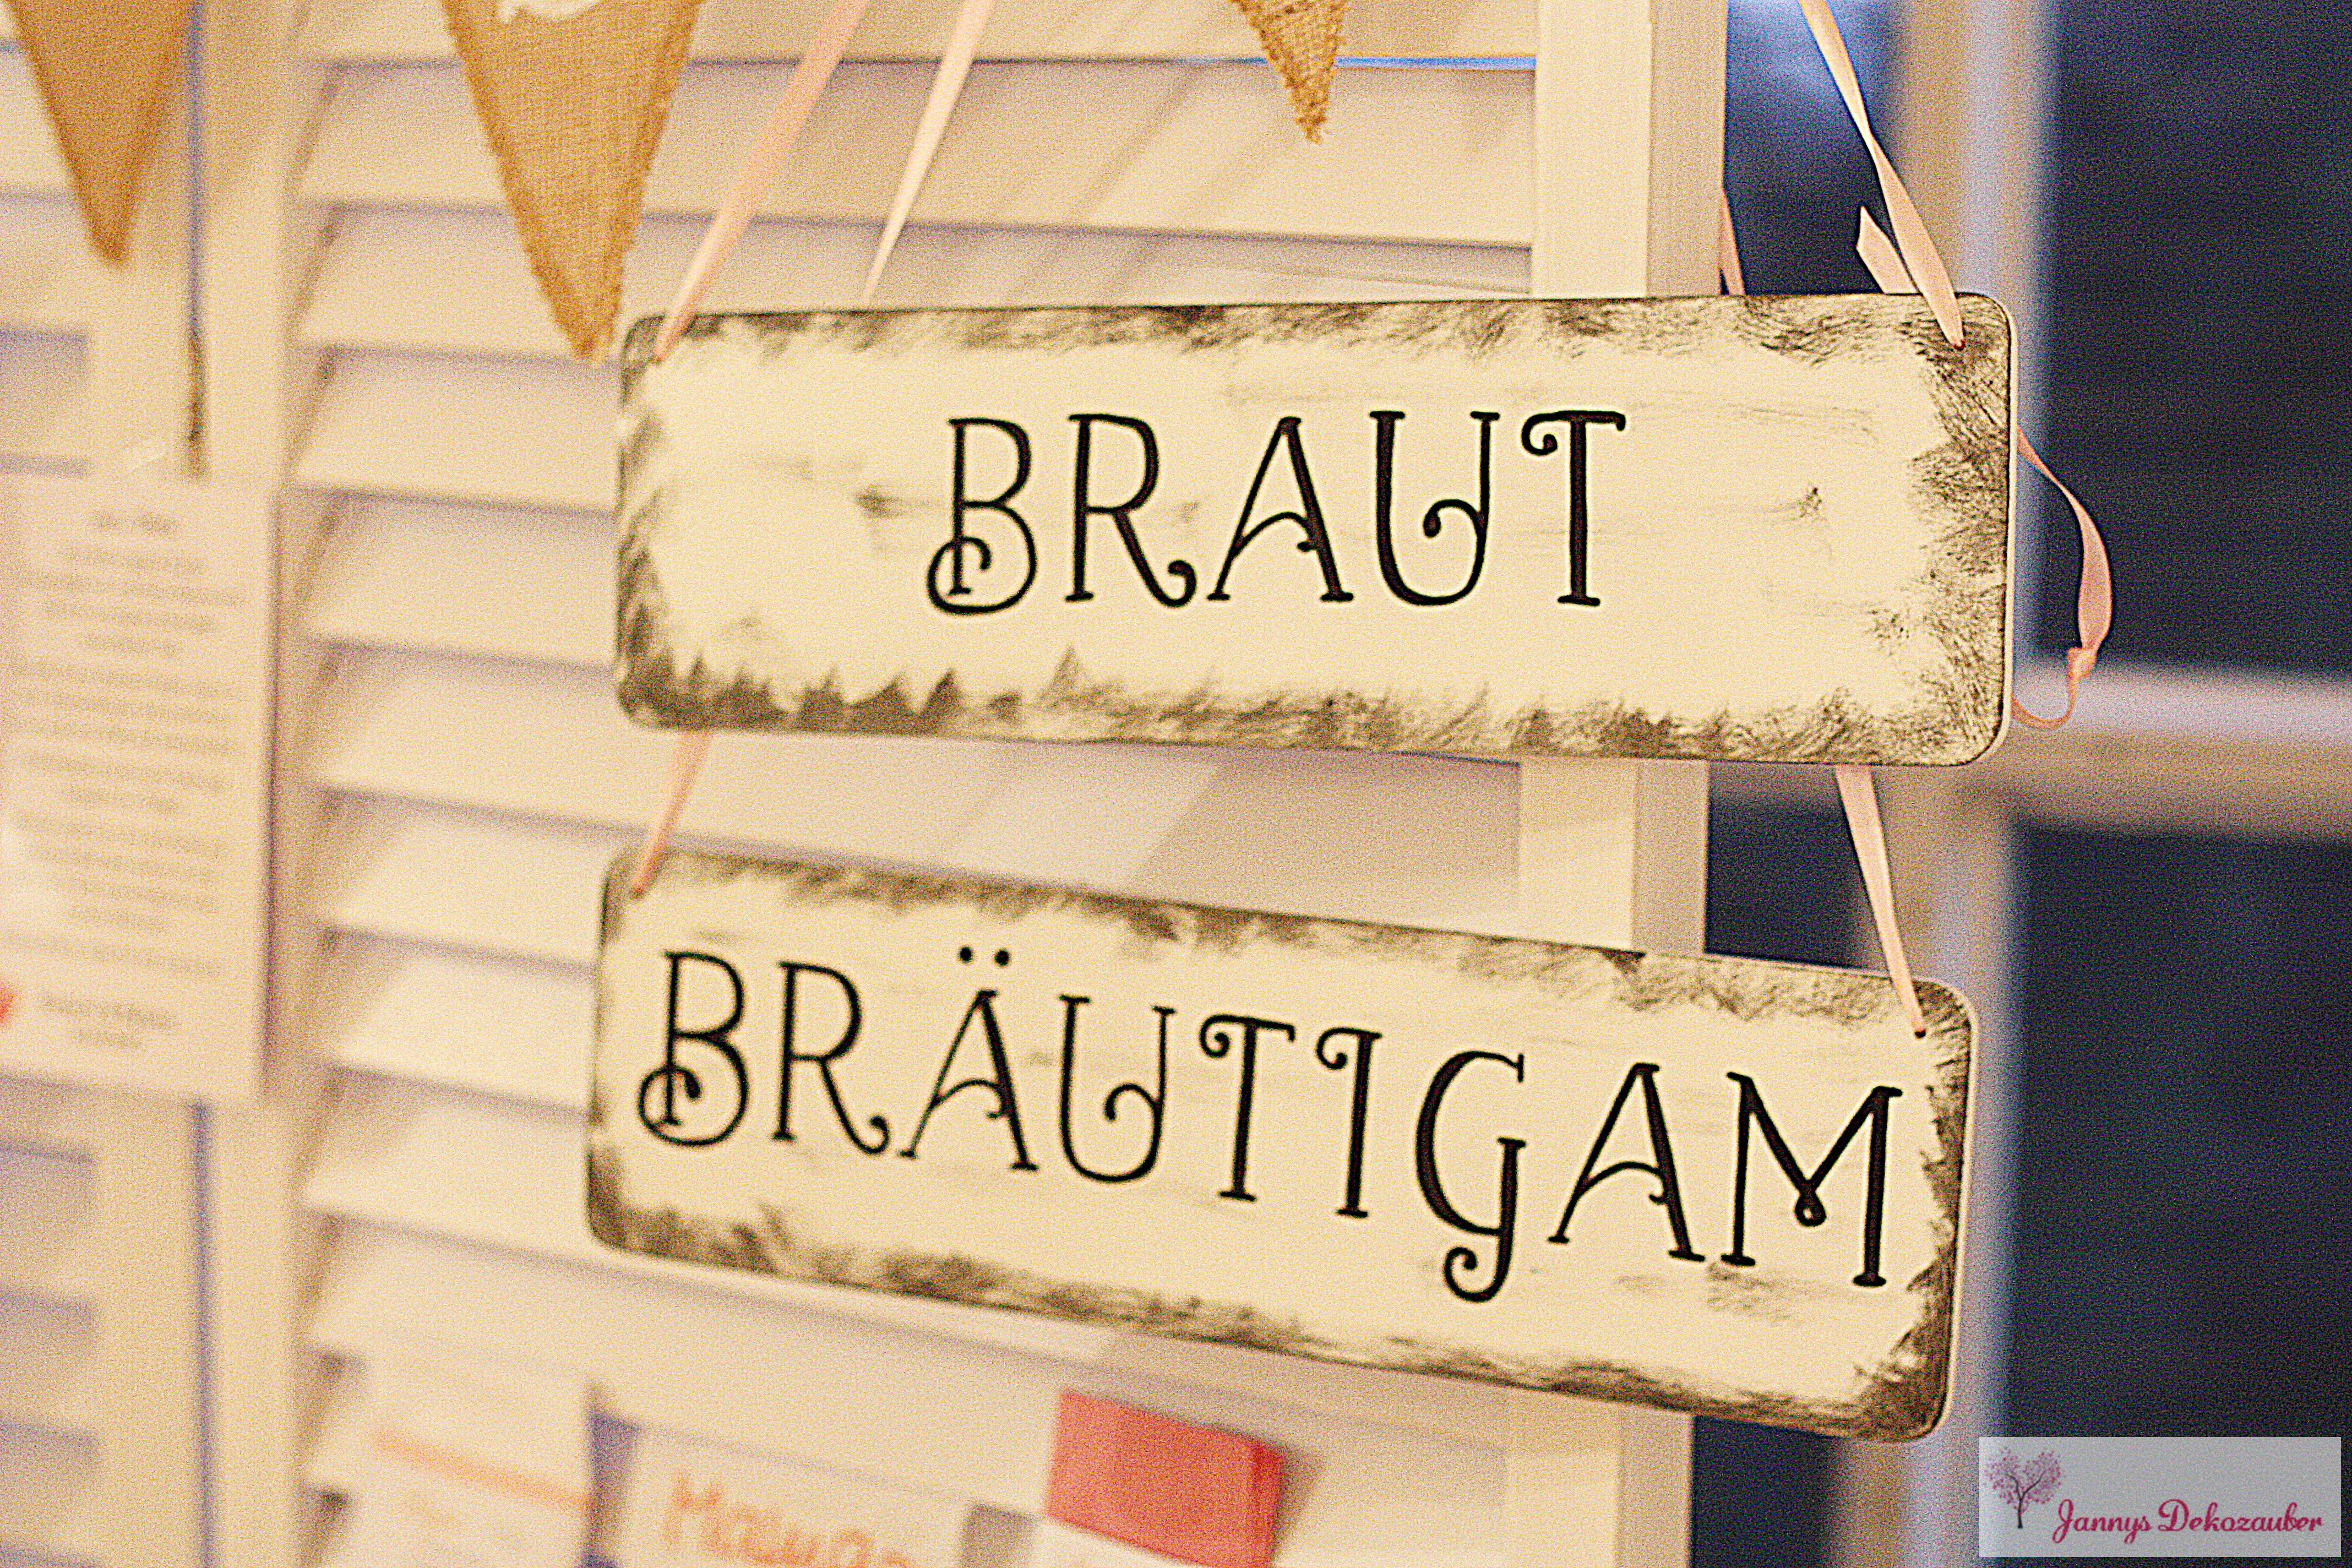 Holzschild Braut Bräutigam Hochzeit Hochzeitsdeko Schilder ... Gelbe Sthle Passen Zu Welcher Kche